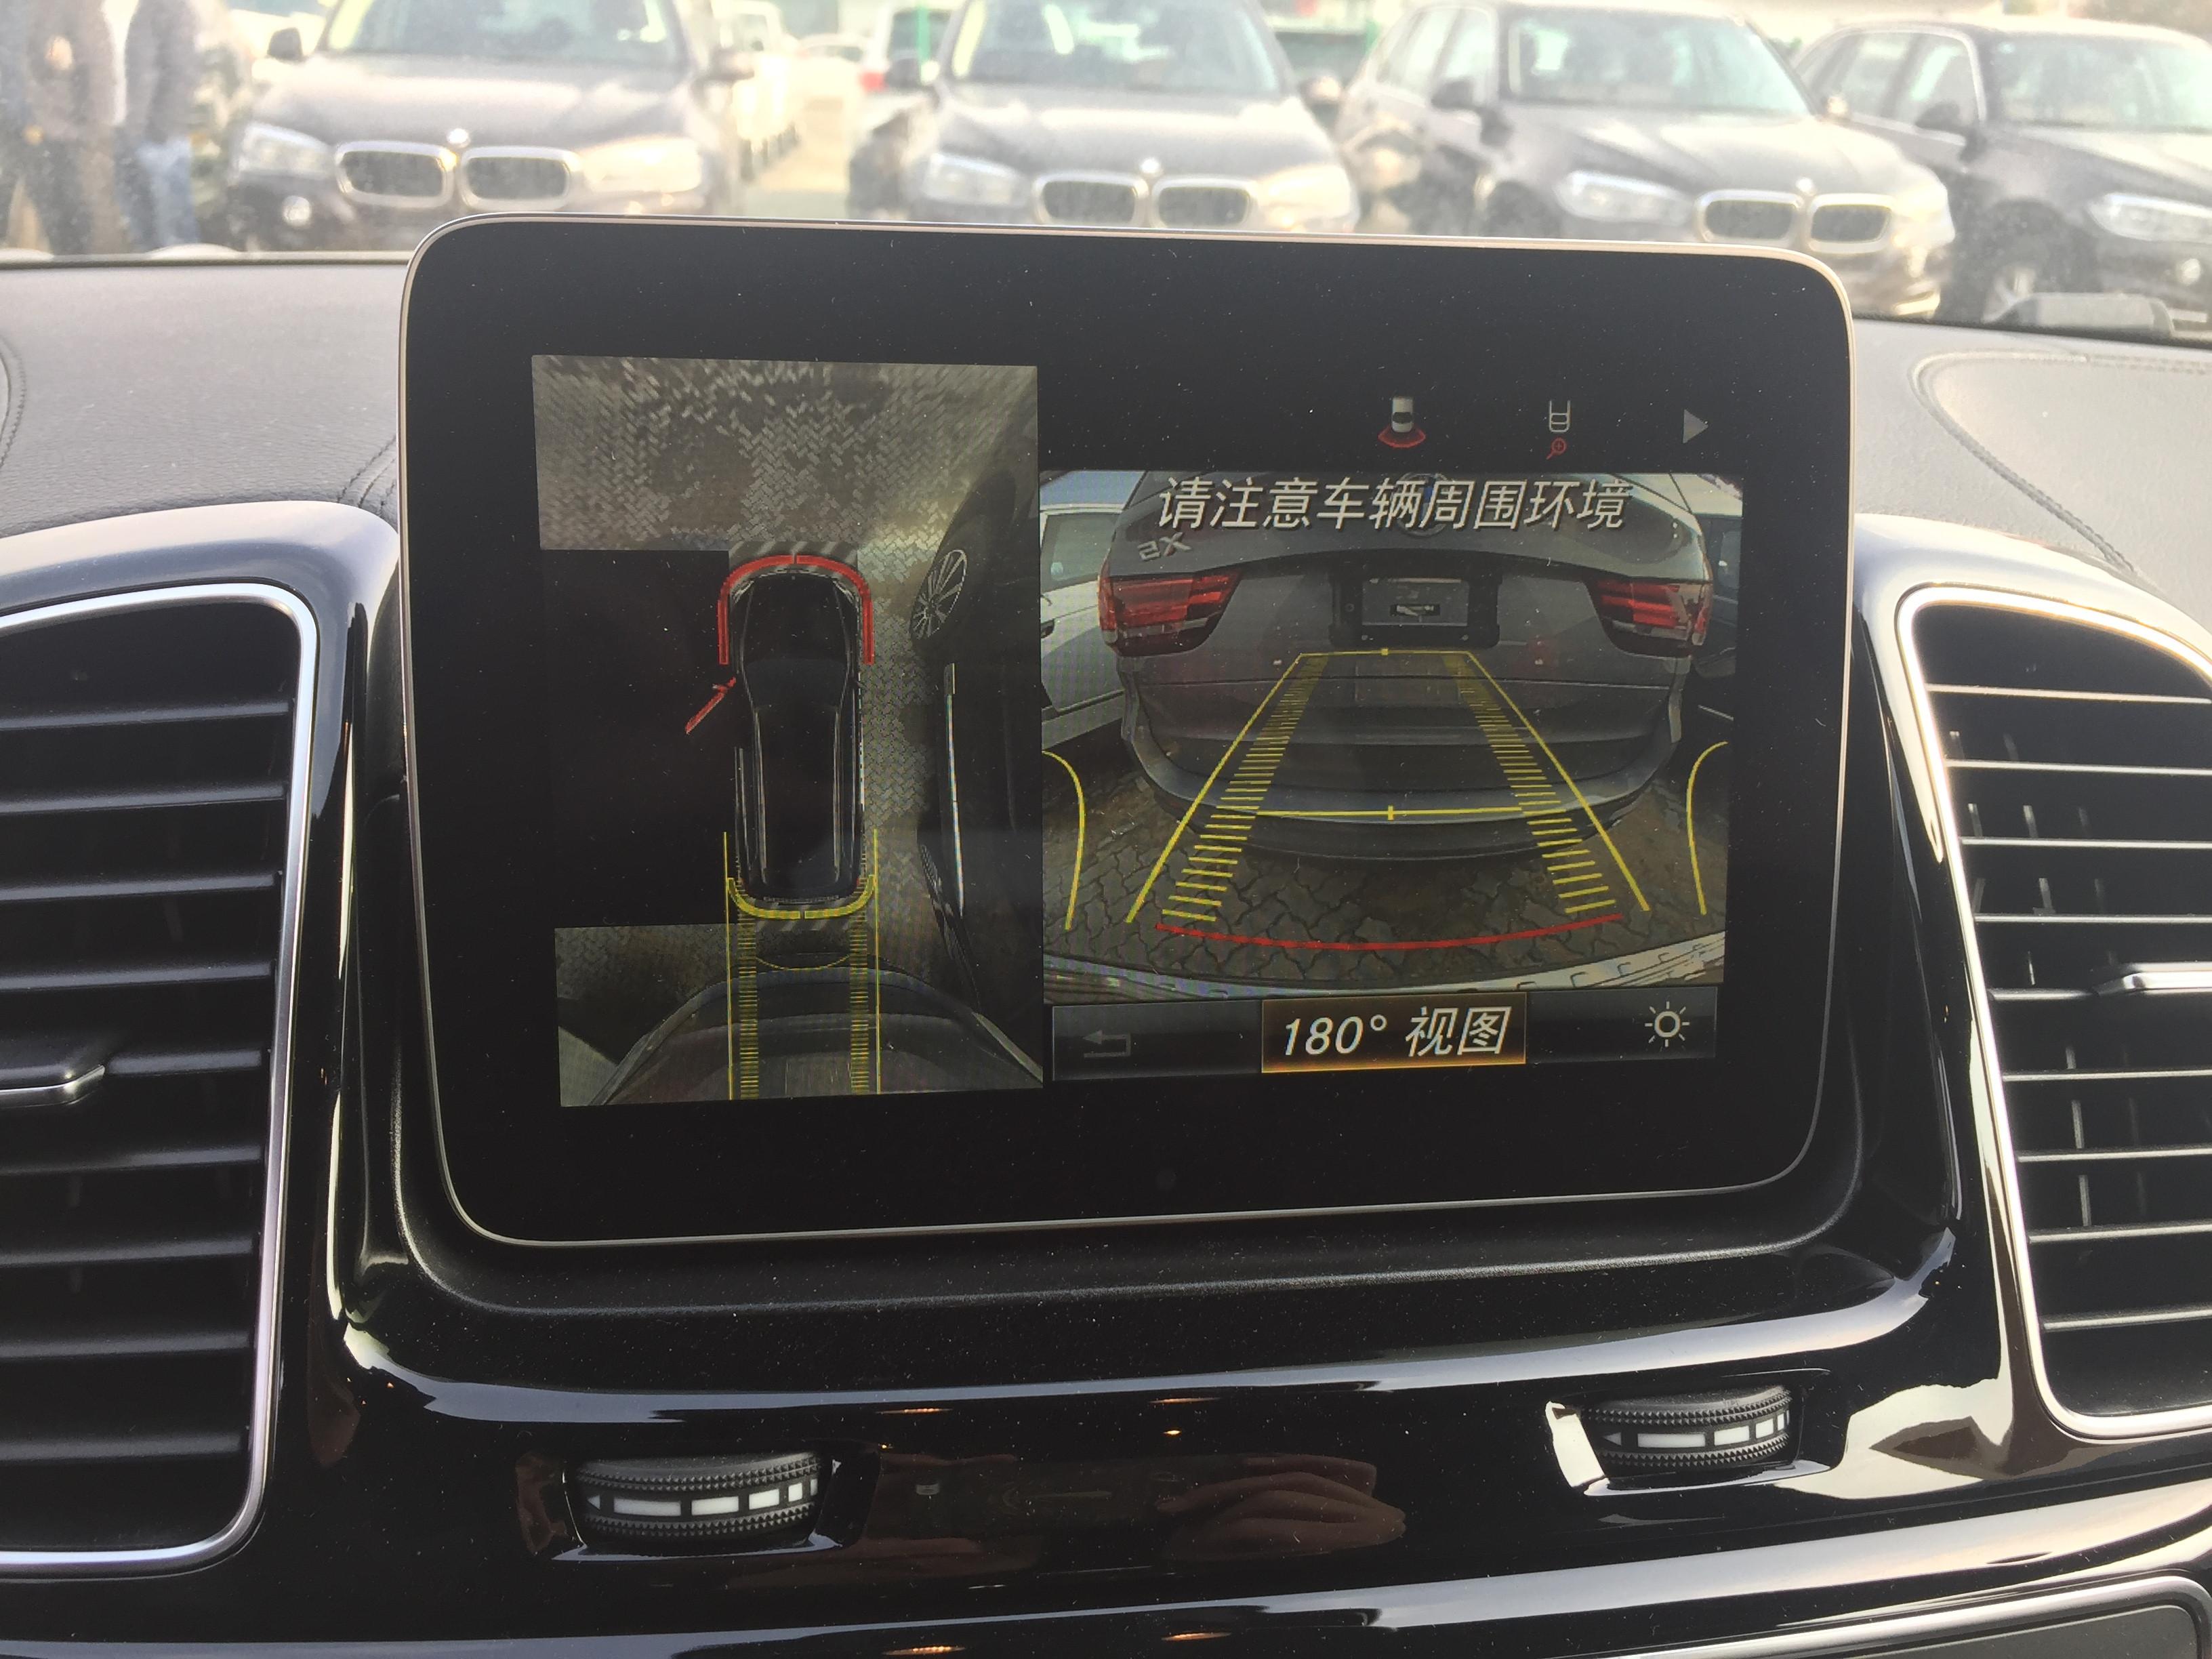 了奔驰最新一代360度全景影像系统,利用车上的四个摄像头巧妙的